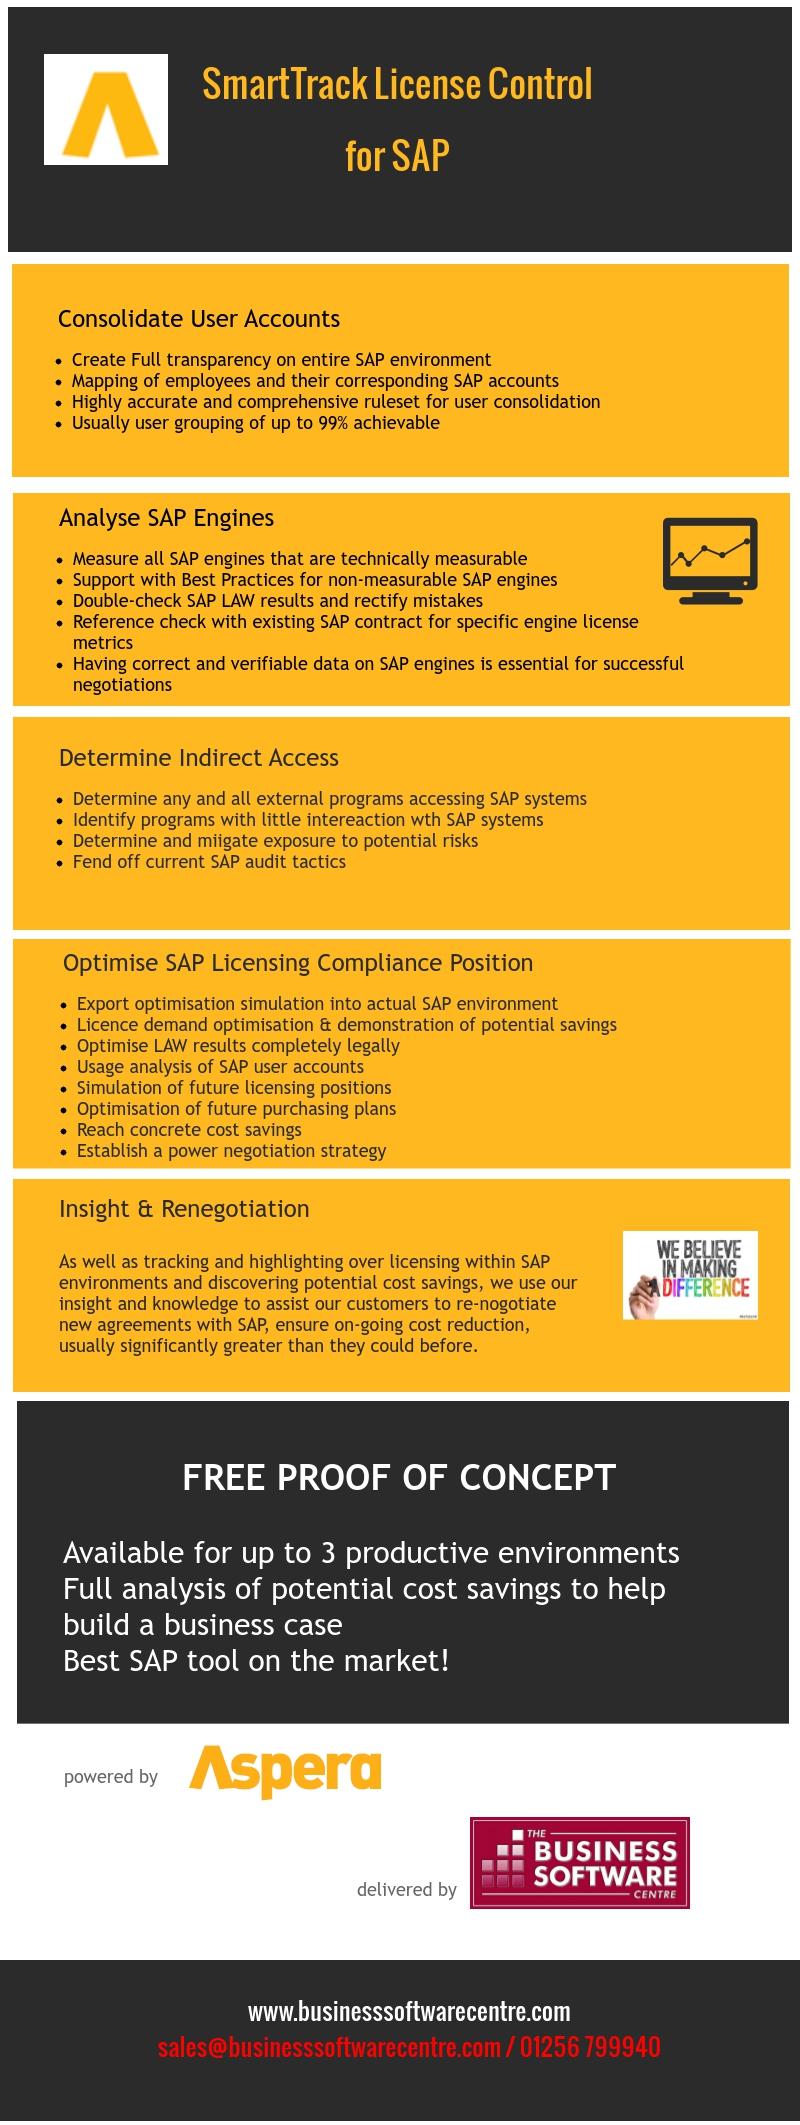 SmartTrack-License-Control-for-SAP